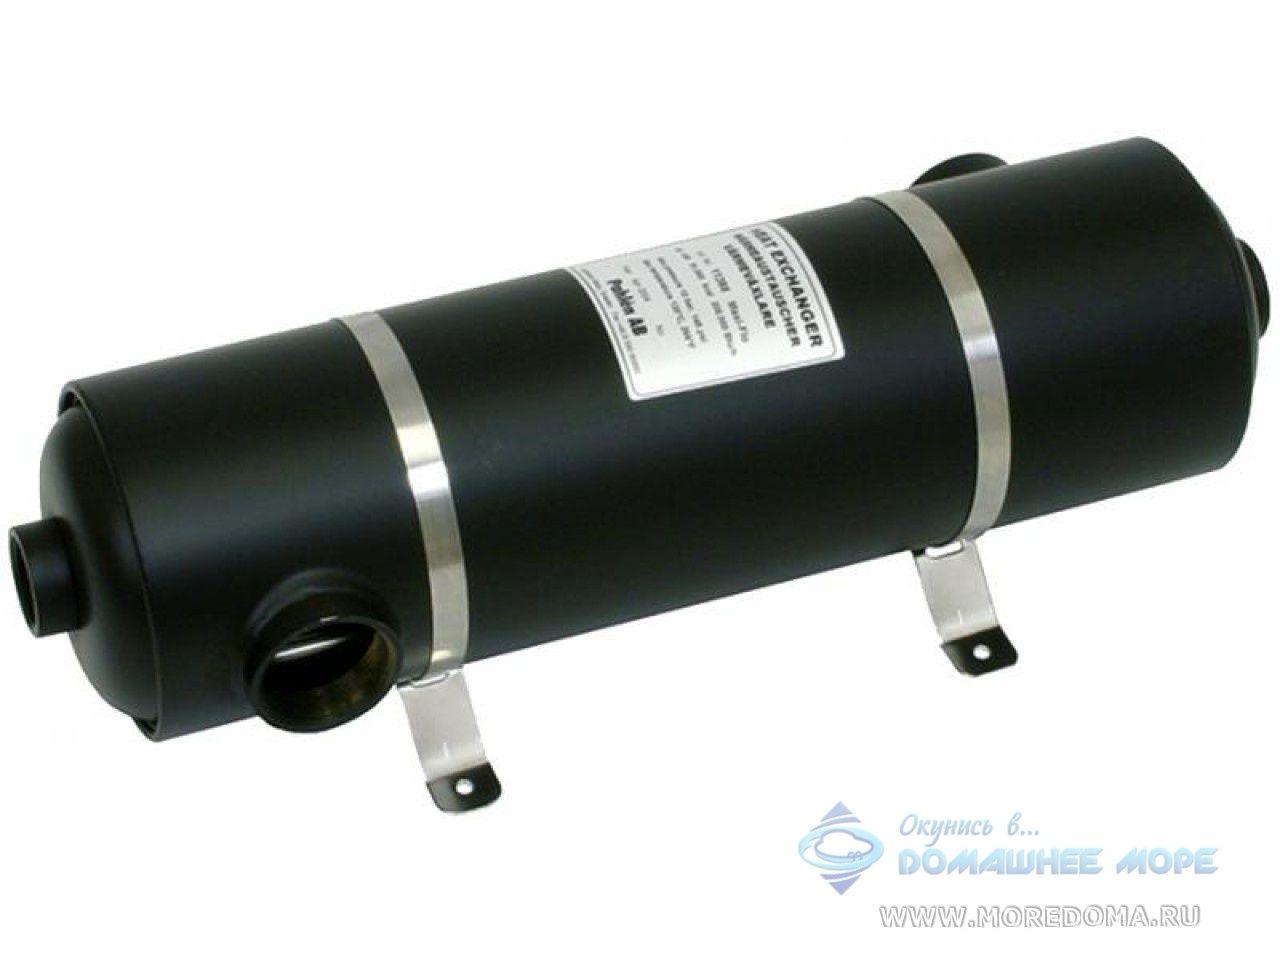 Вес теплообменник pahlen mf 400 масса теплообменники трубчатые фреон воздух